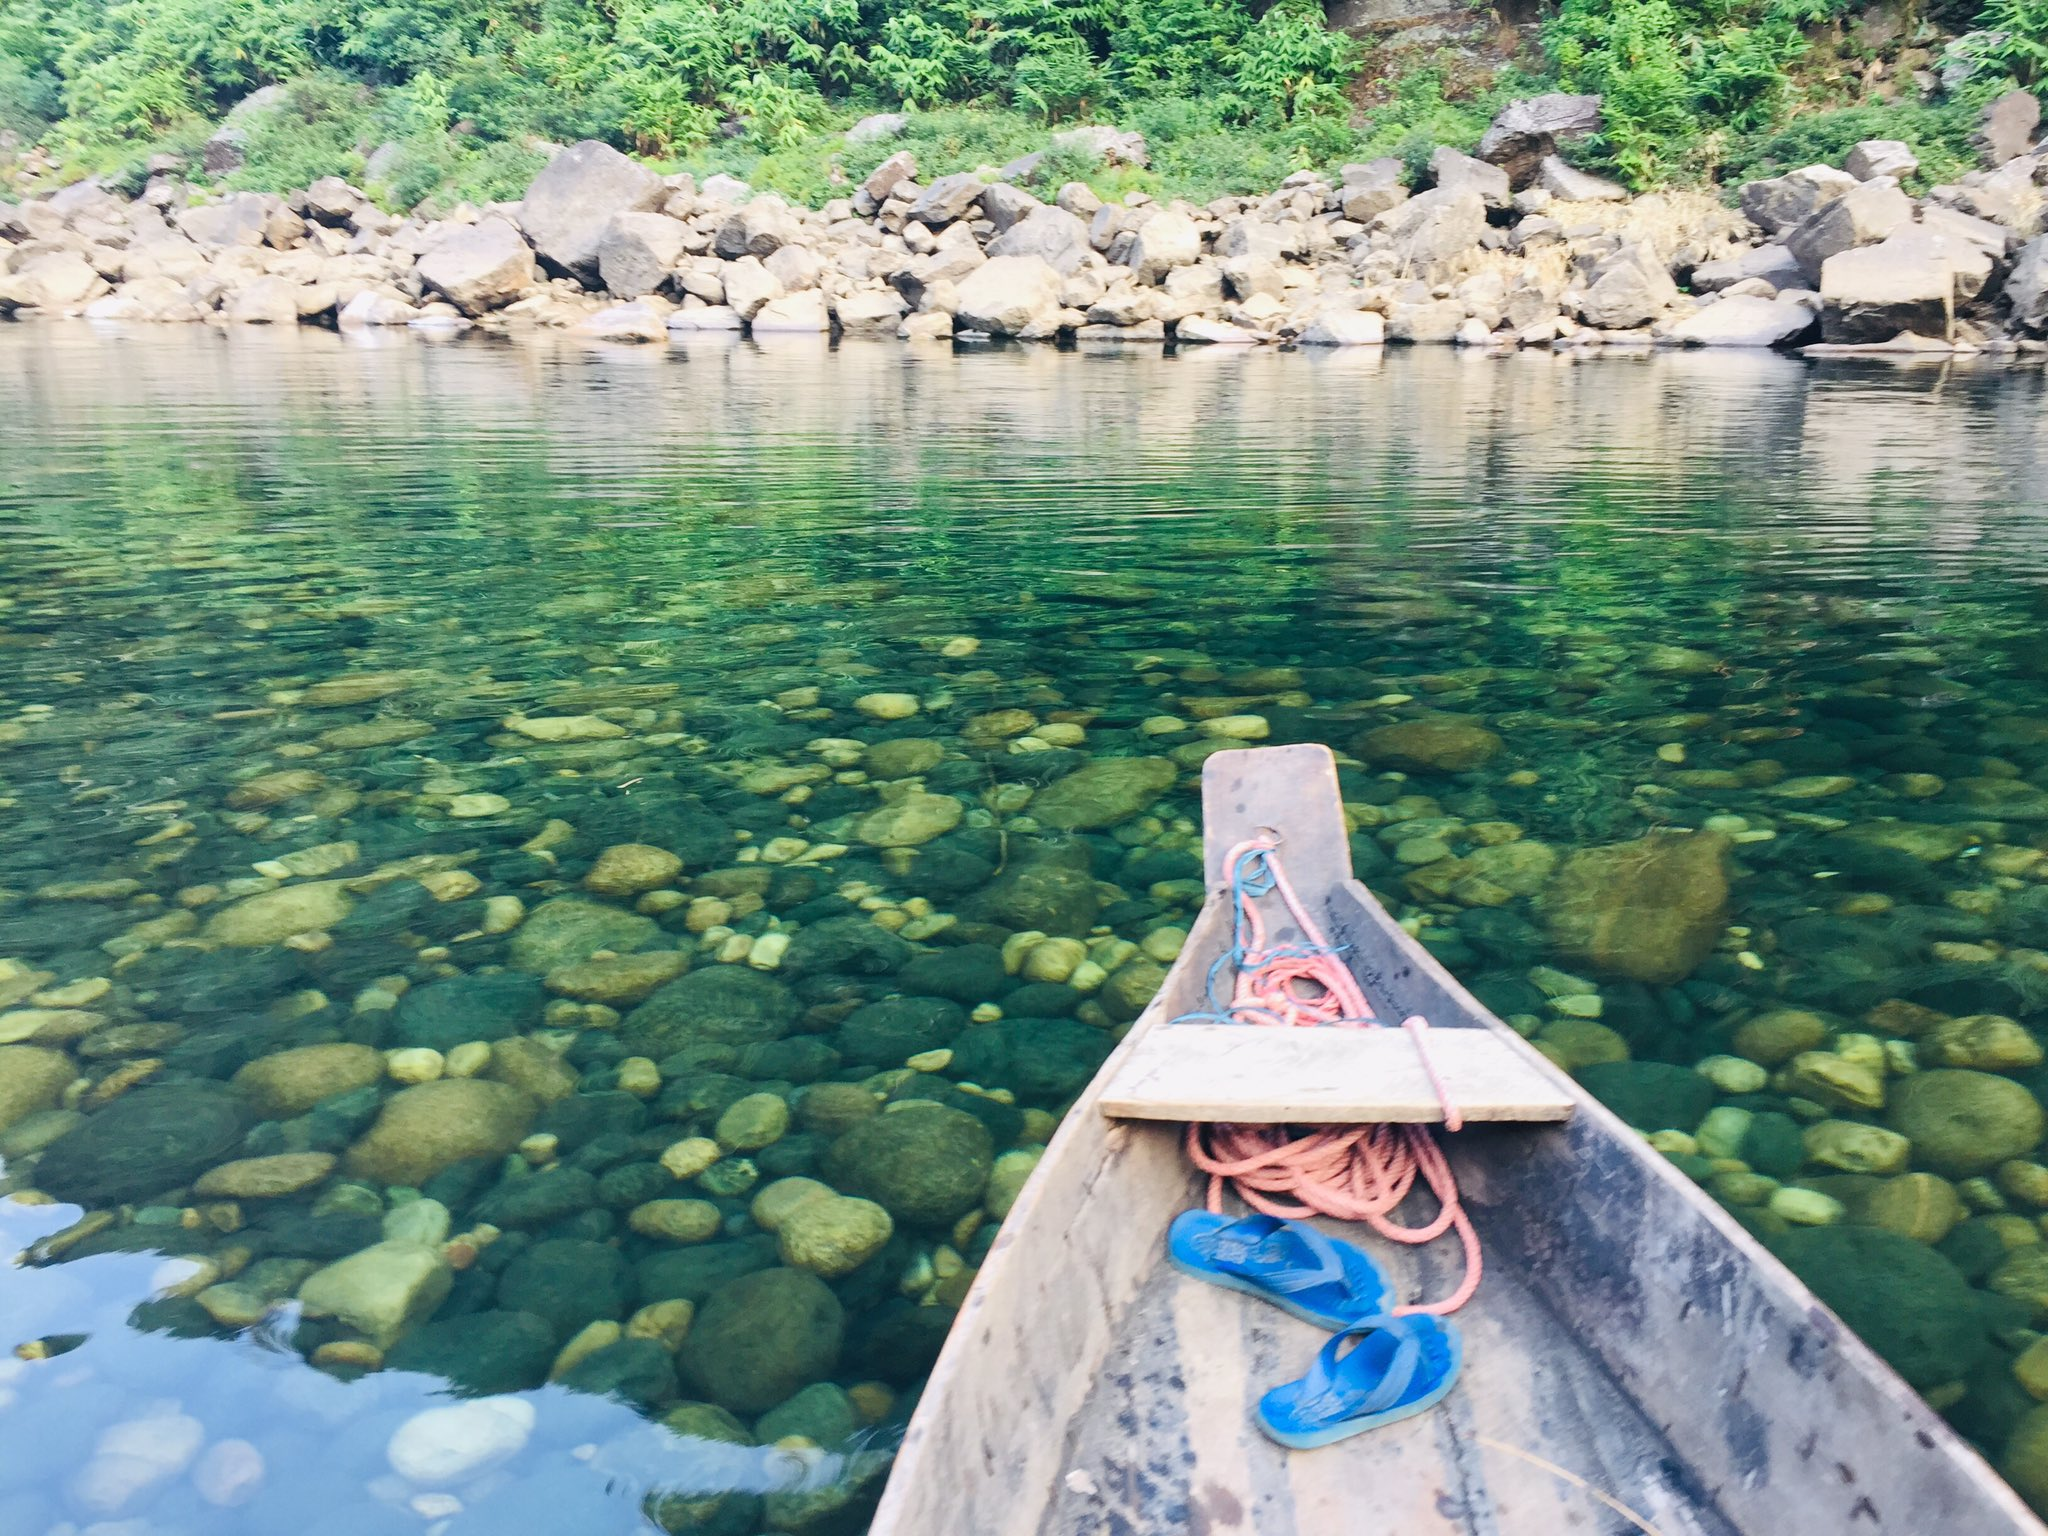 Umngot River: अगर मेघालय की यात्रा करने का है शोक, तो उमंगोट नदी देखना न